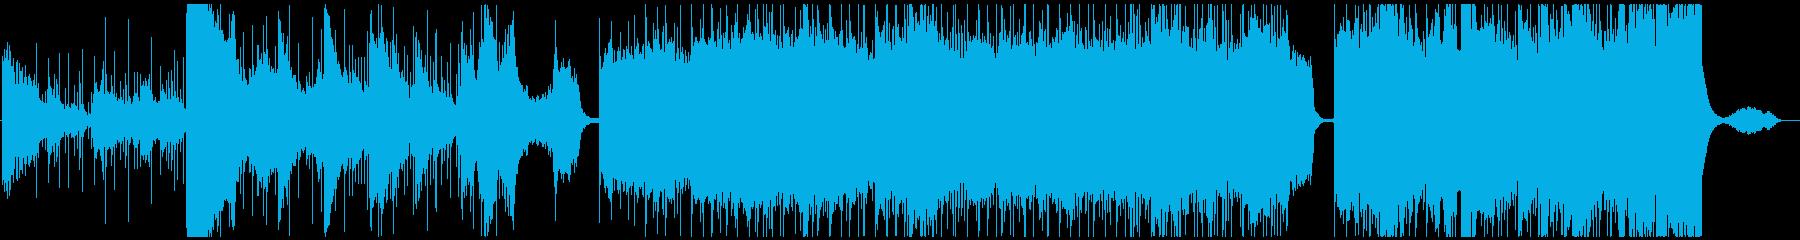 アジアン調の雄大なバラードの再生済みの波形